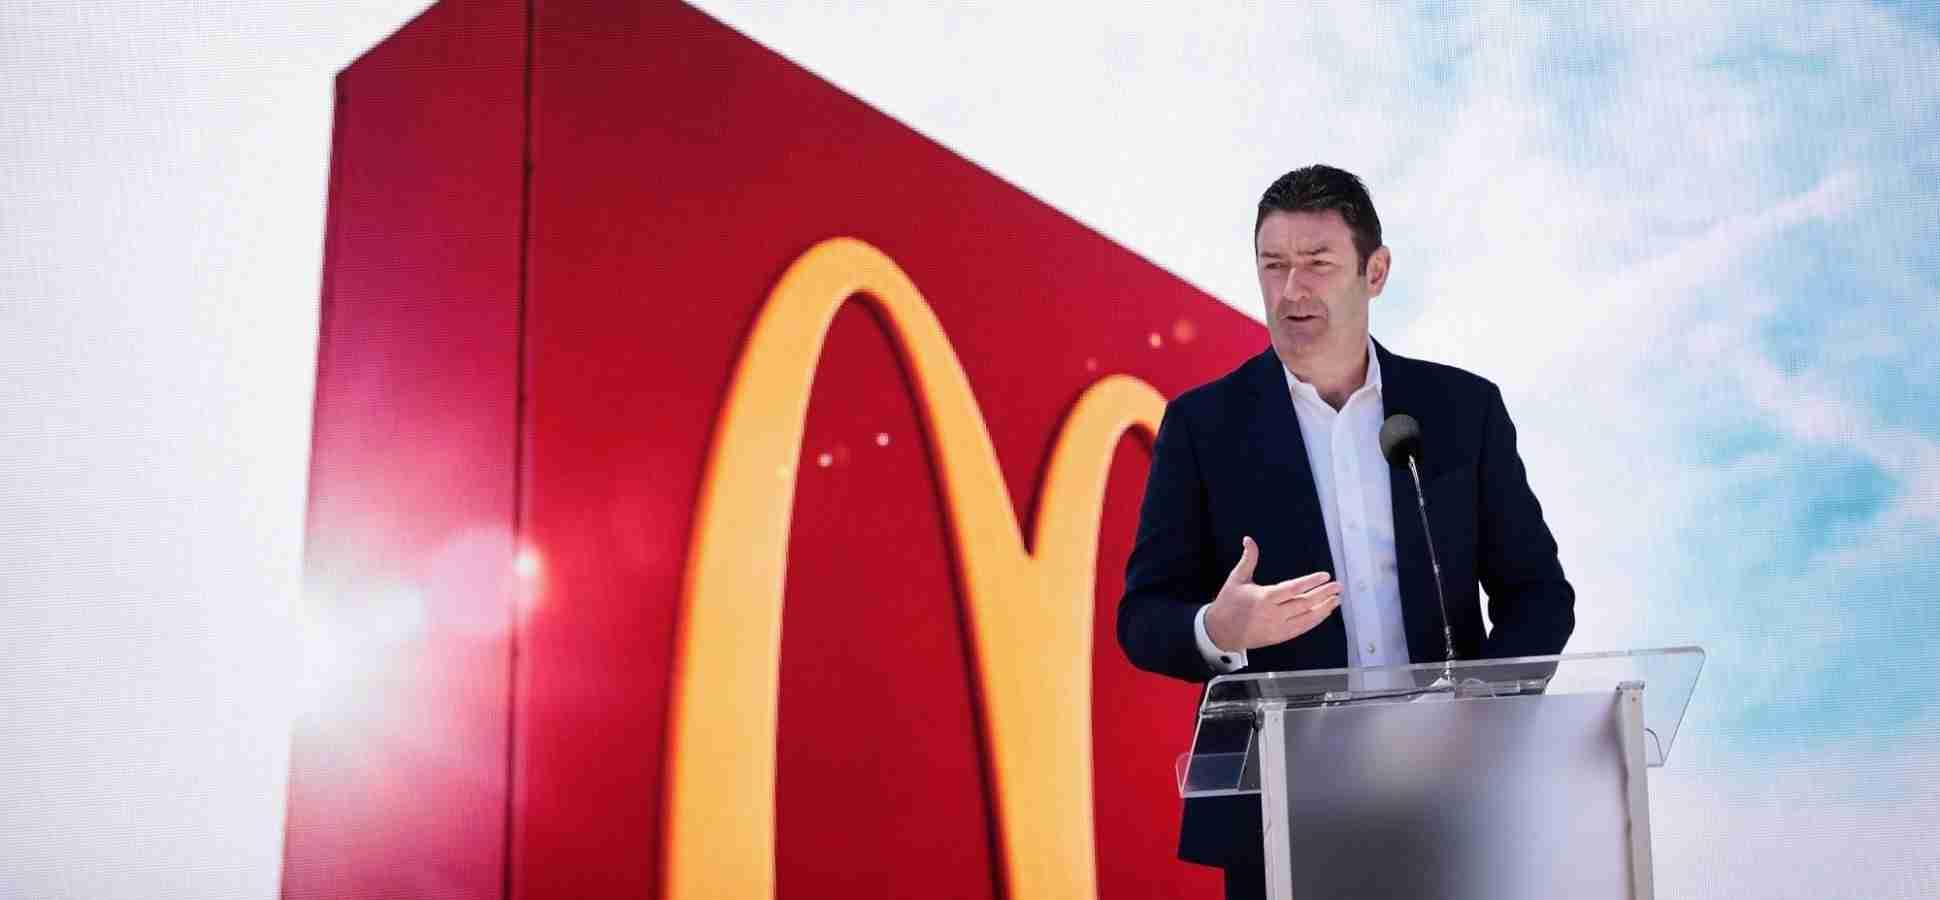 Steve Easterbrook as McDonald's Executive